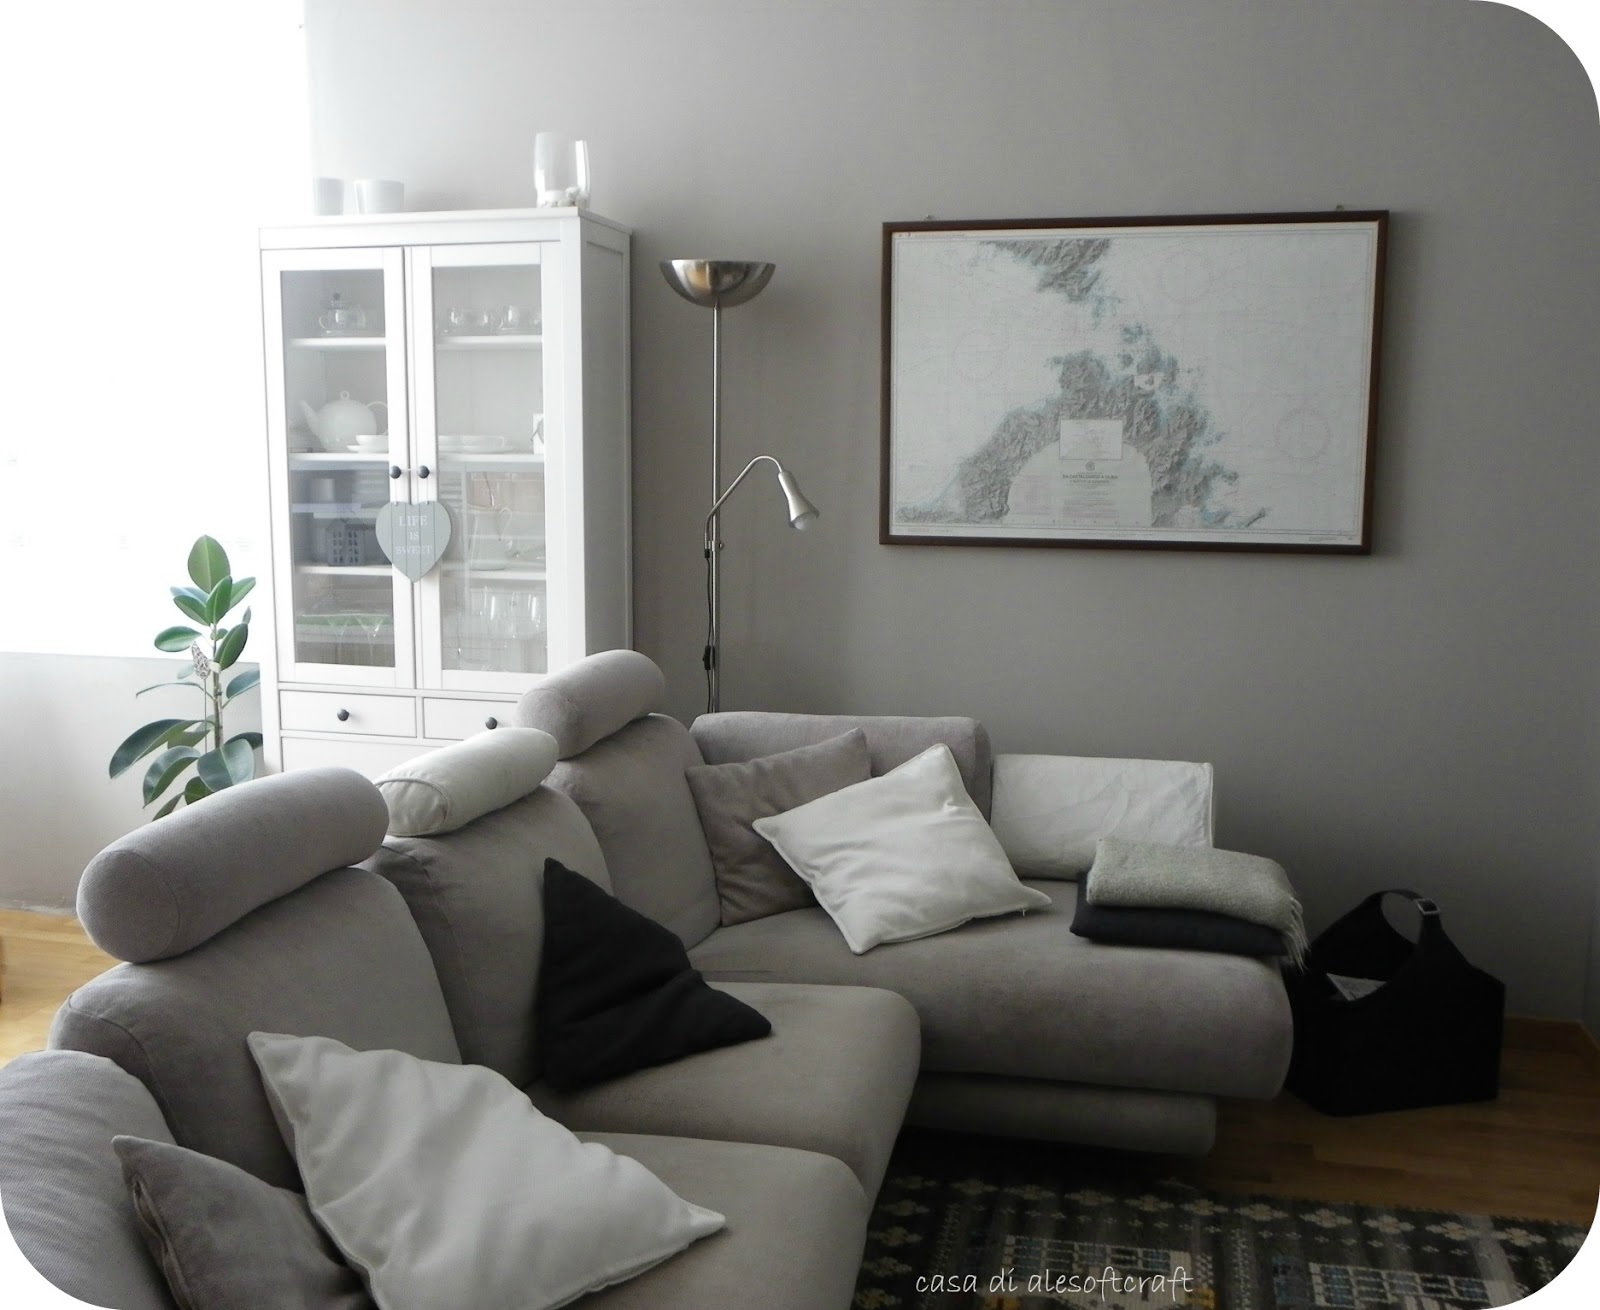 Tessuti creativi by alesoftcraft nuovi colori - Consolle dietro divano ikea ...